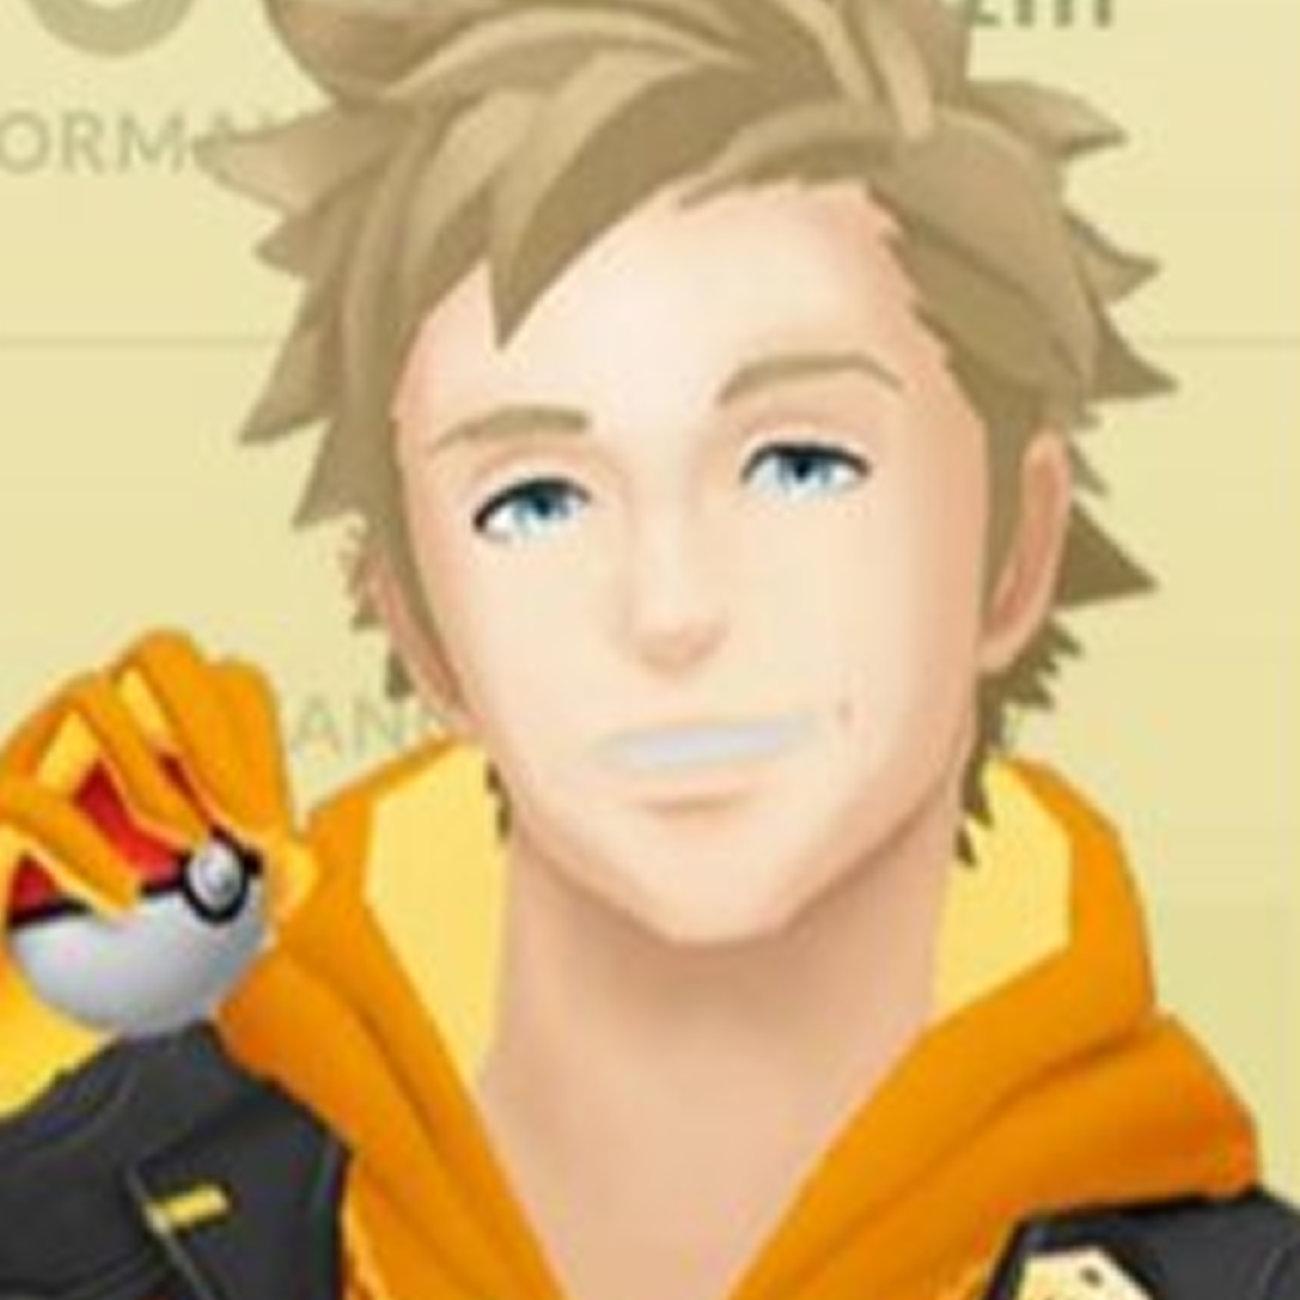 ポケモンGO、チームリーダーの顔が変わる、見える範囲が狭まる改悪